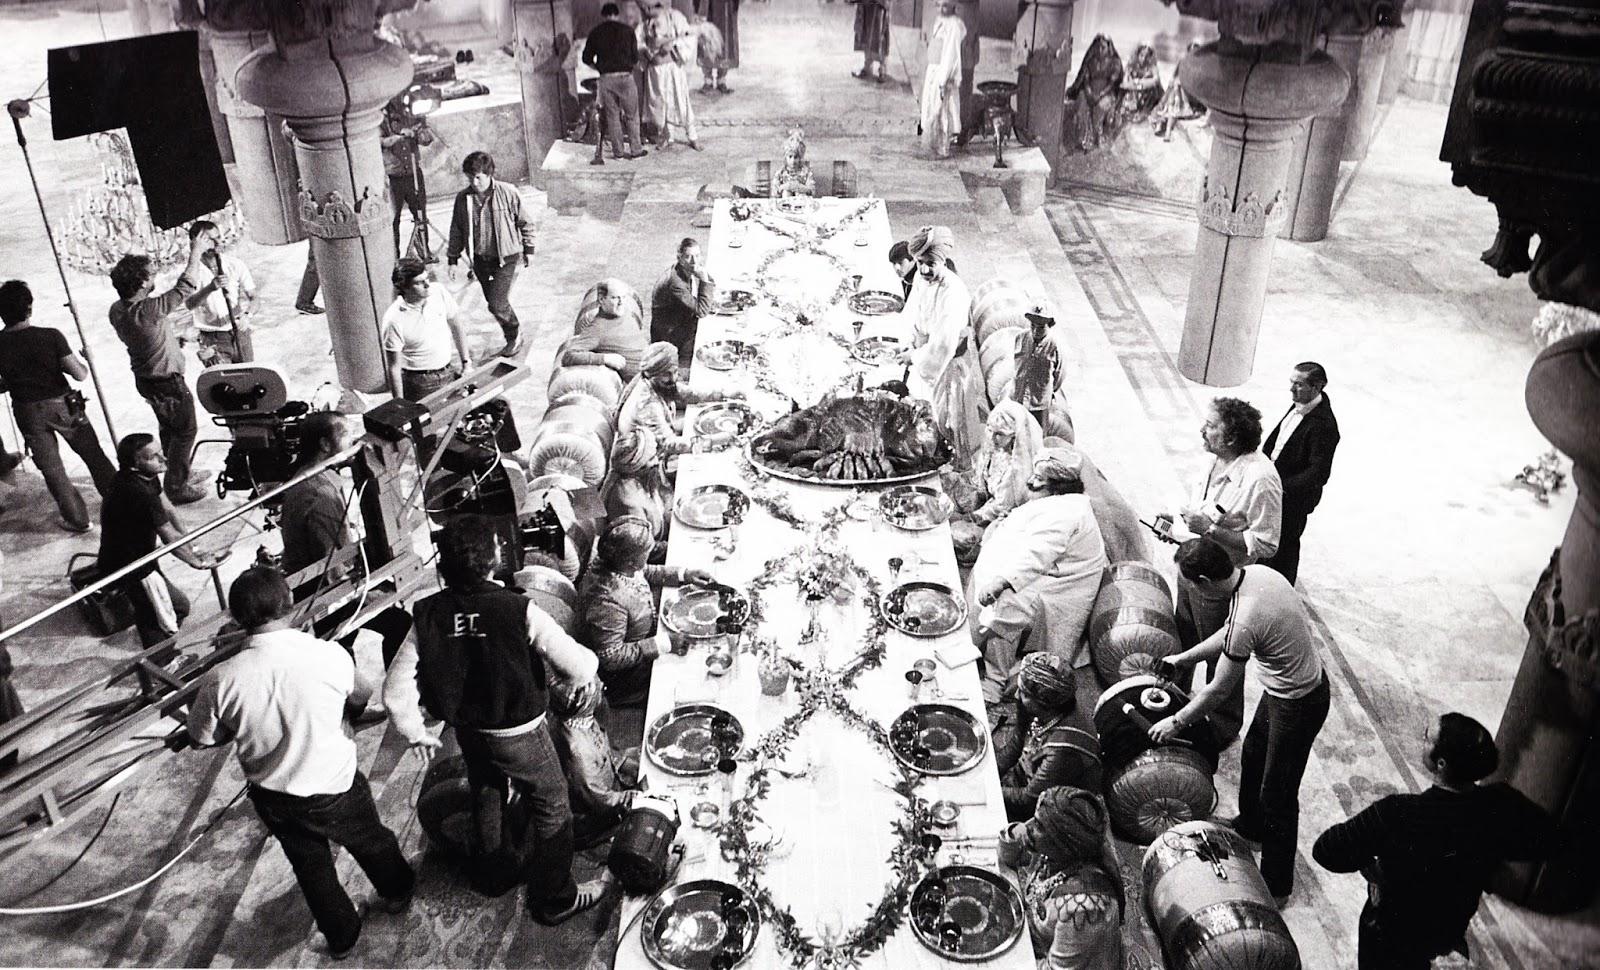 temple of doom behind the scenes